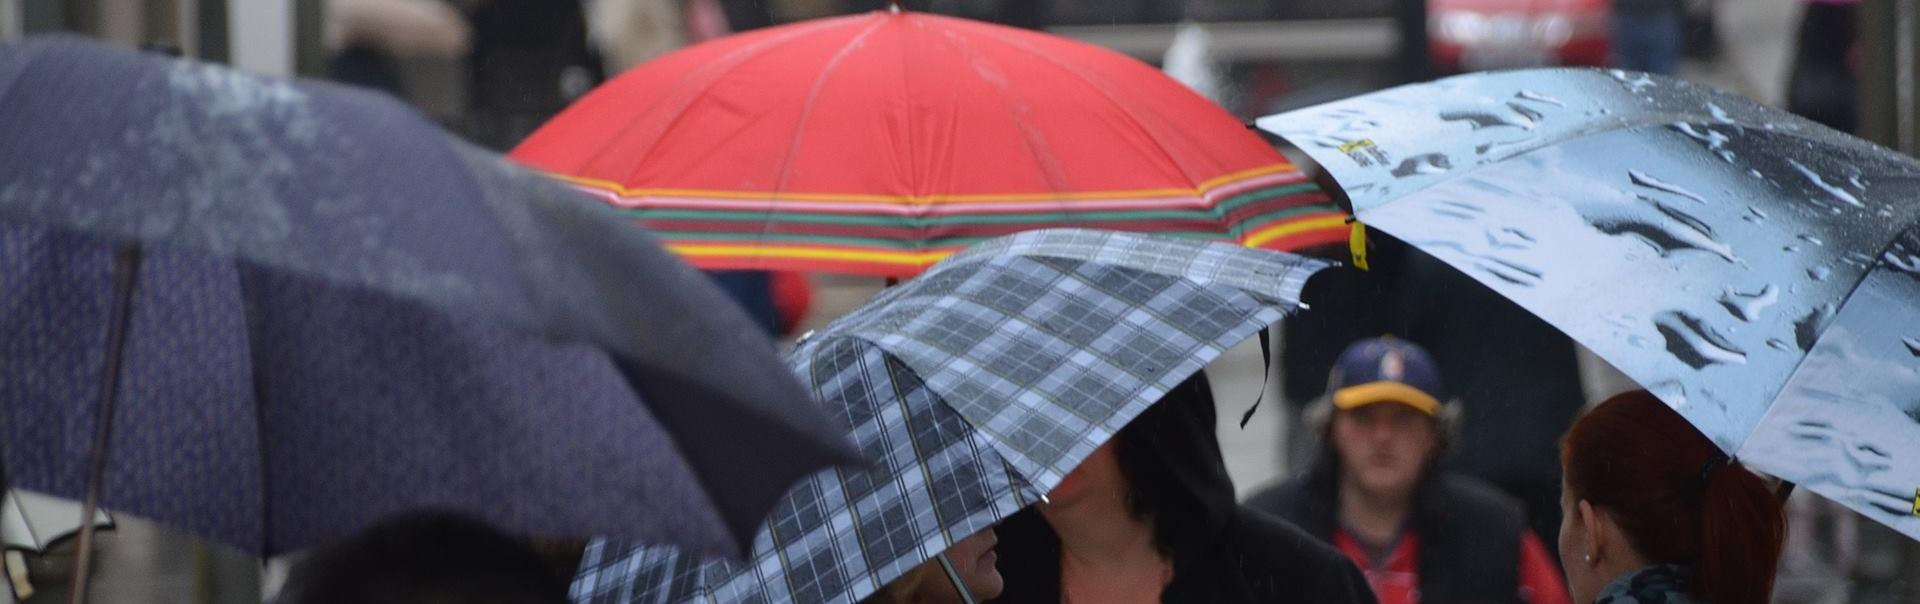 PRETEŽNO OBLAČNO Moguća kratkotrajna kiša ili pljusak